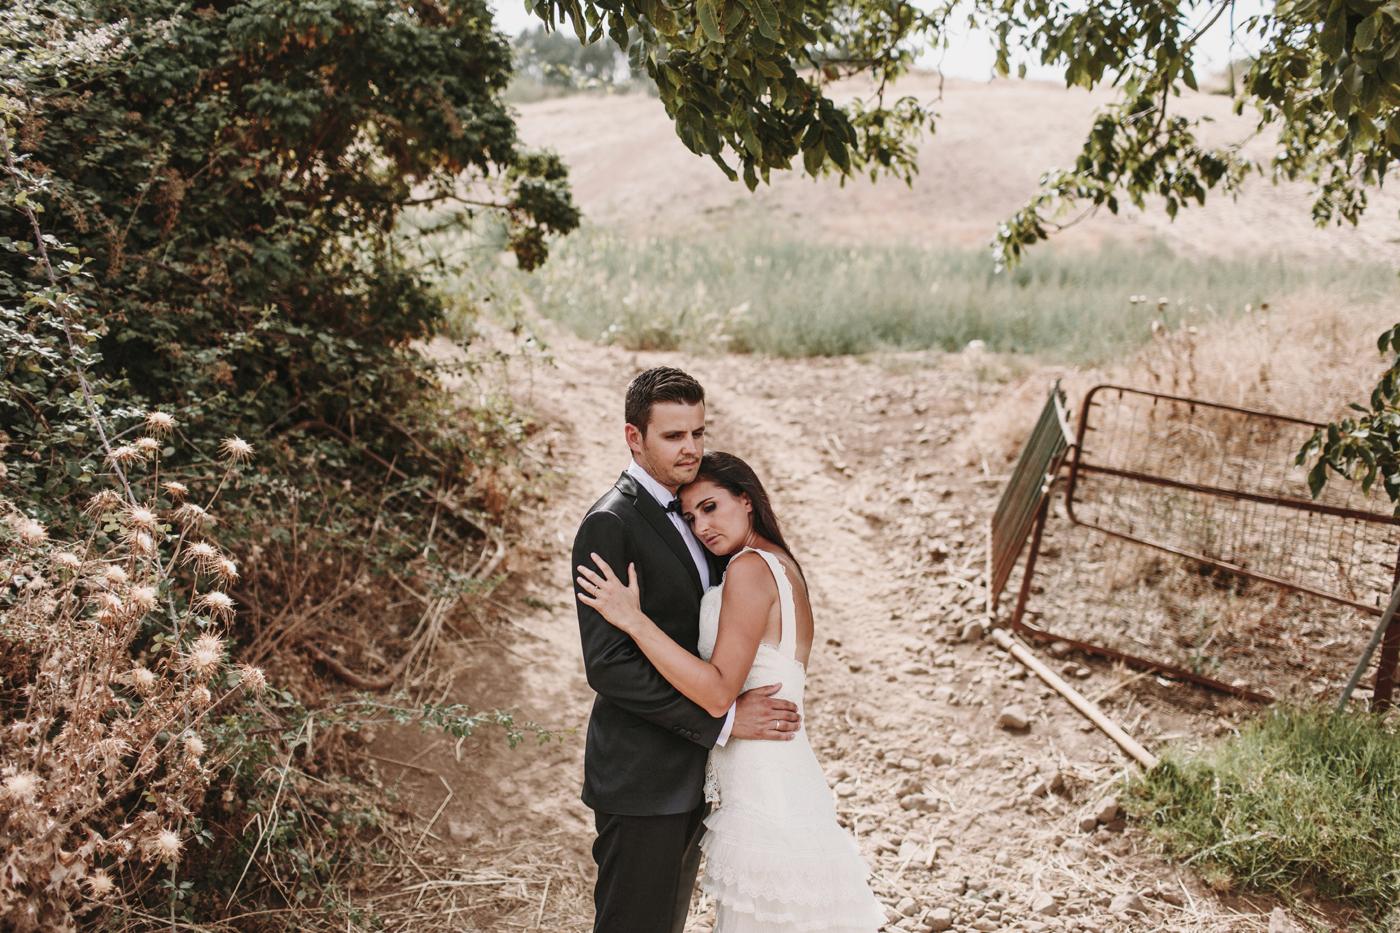 Azulflojo presupuesto fotoclik fotografos para bodas - Fotografo las palmas ...